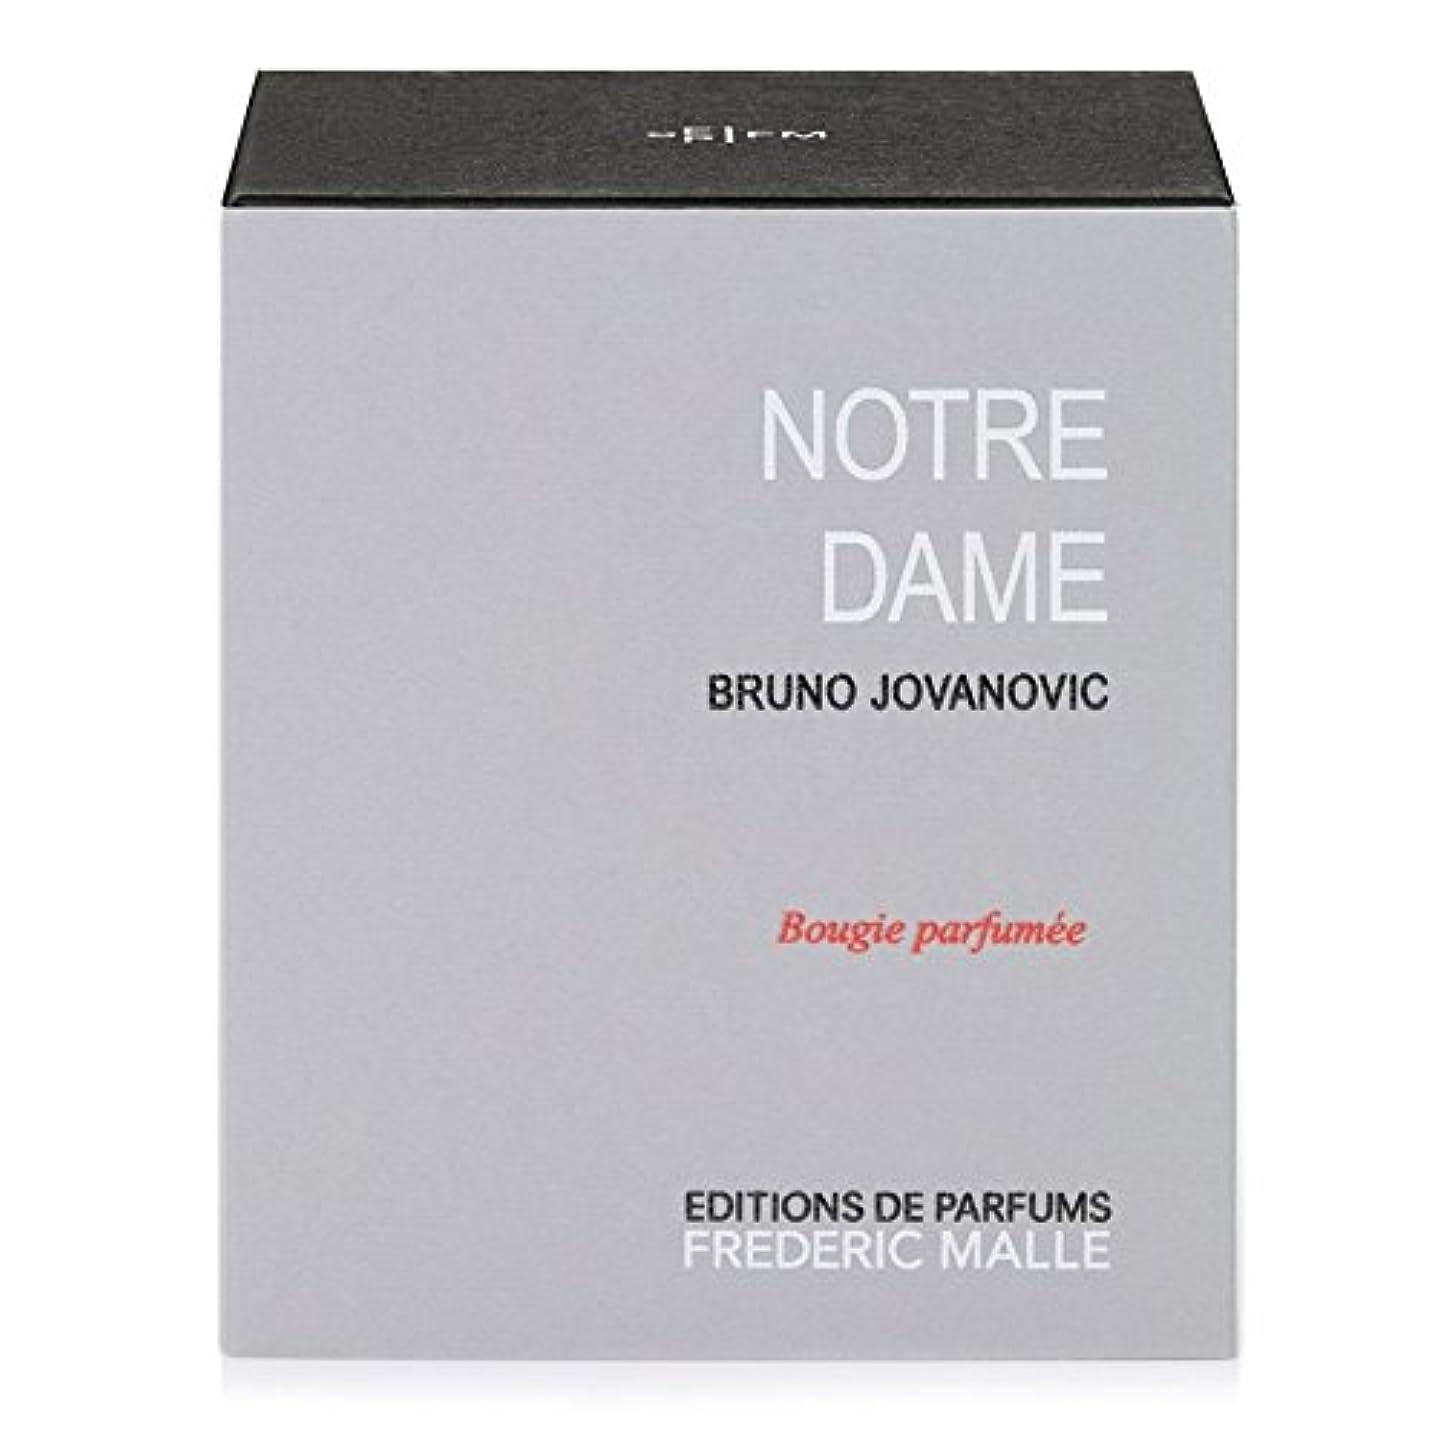 敵意アベニュー母性Frederic Malle Notre Dame Scented Candle 220g (Pack of 2) - フレデリック?マルノートルダム香りのキャンドル220グラム x2 [並行輸入品]